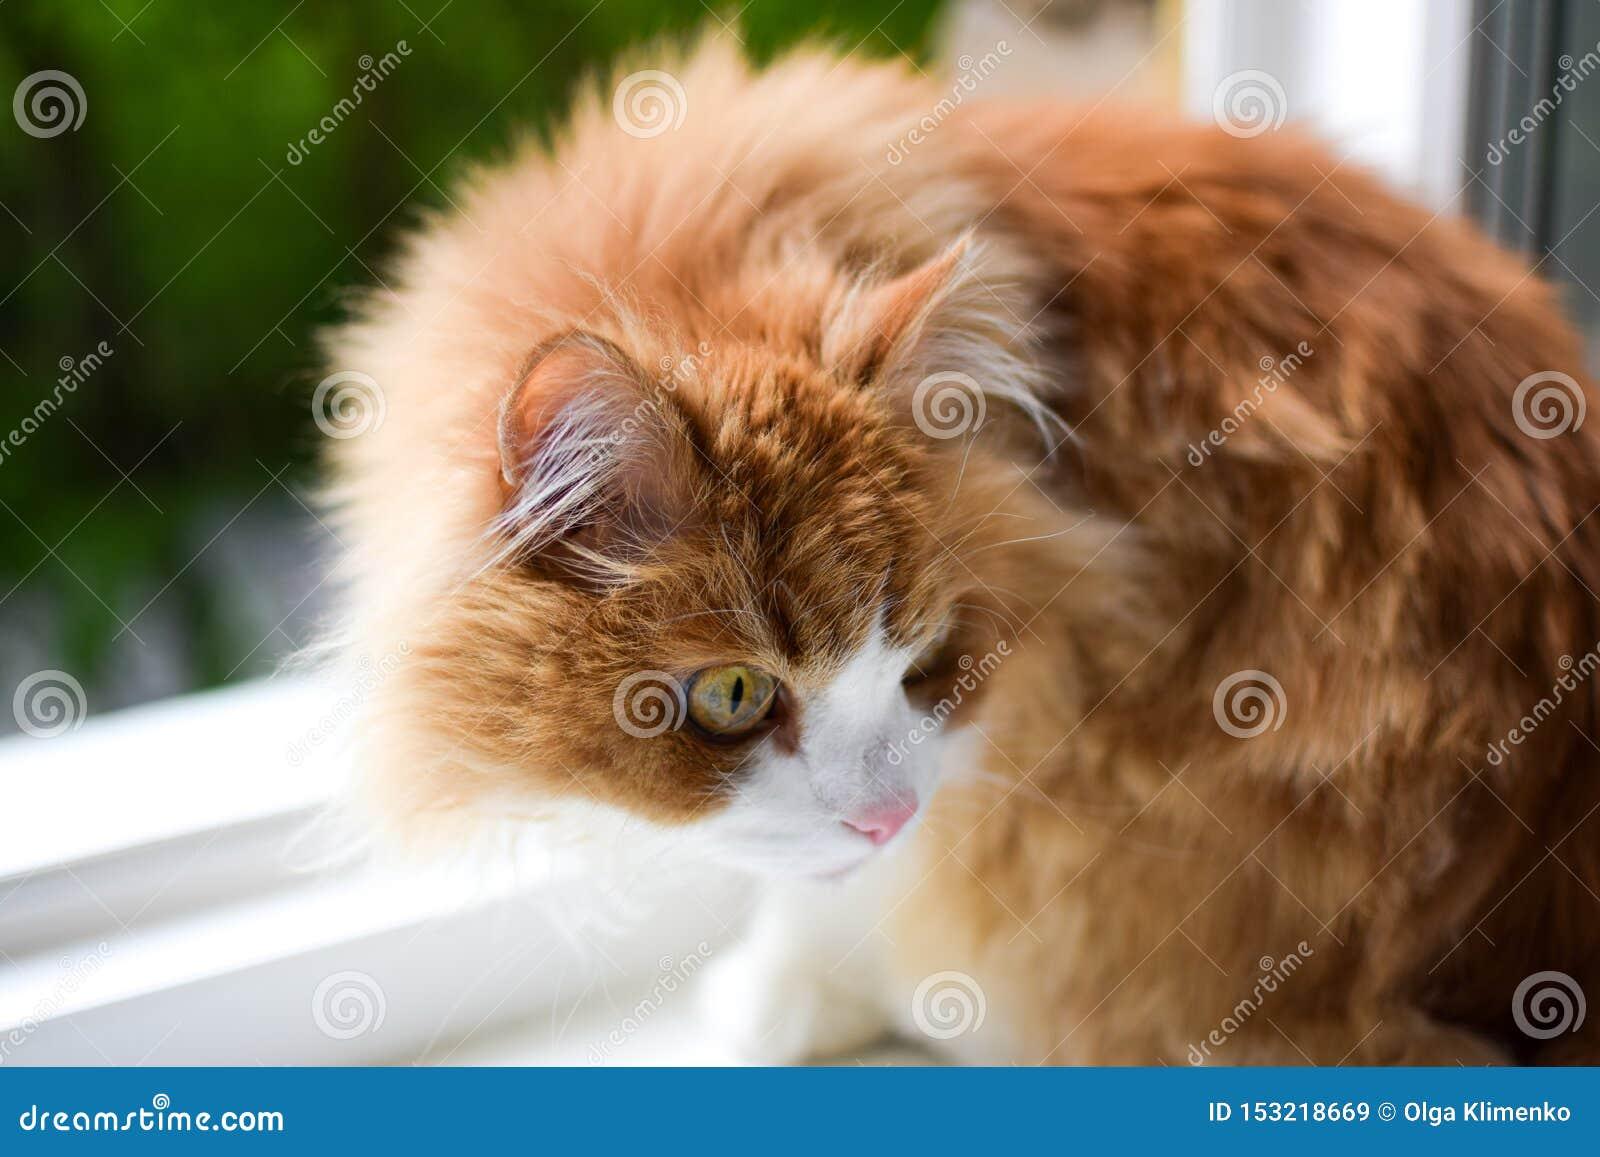 Vermelho atento e cuidadoso com o gato macio branco que senta-se em uma soleira branca